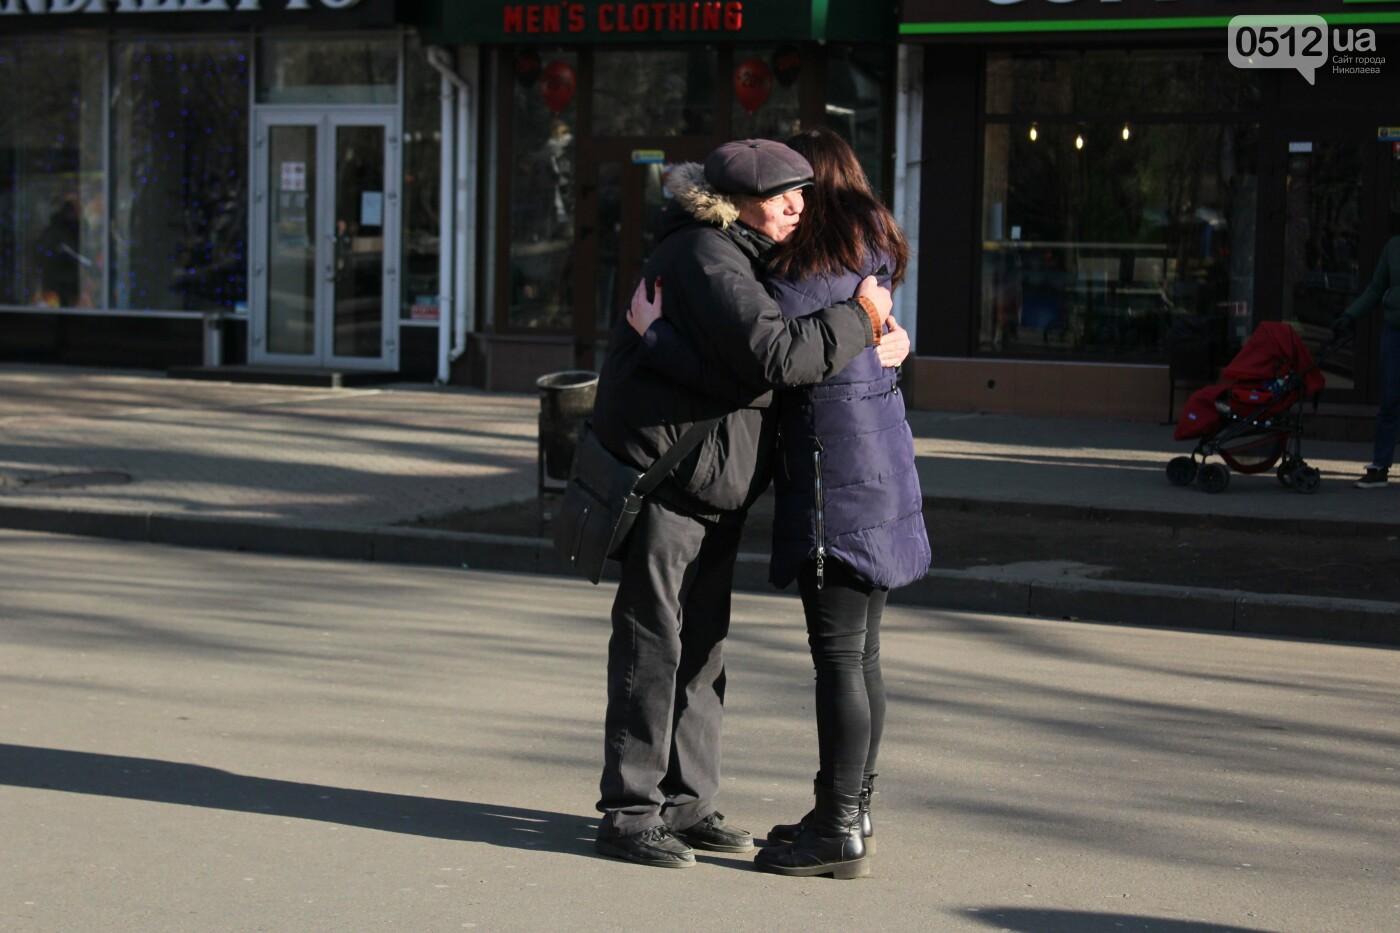 Всемирный день объятий: николаевские журналисты решили порадовать случайных прохожих, - ФОТО, фото-14